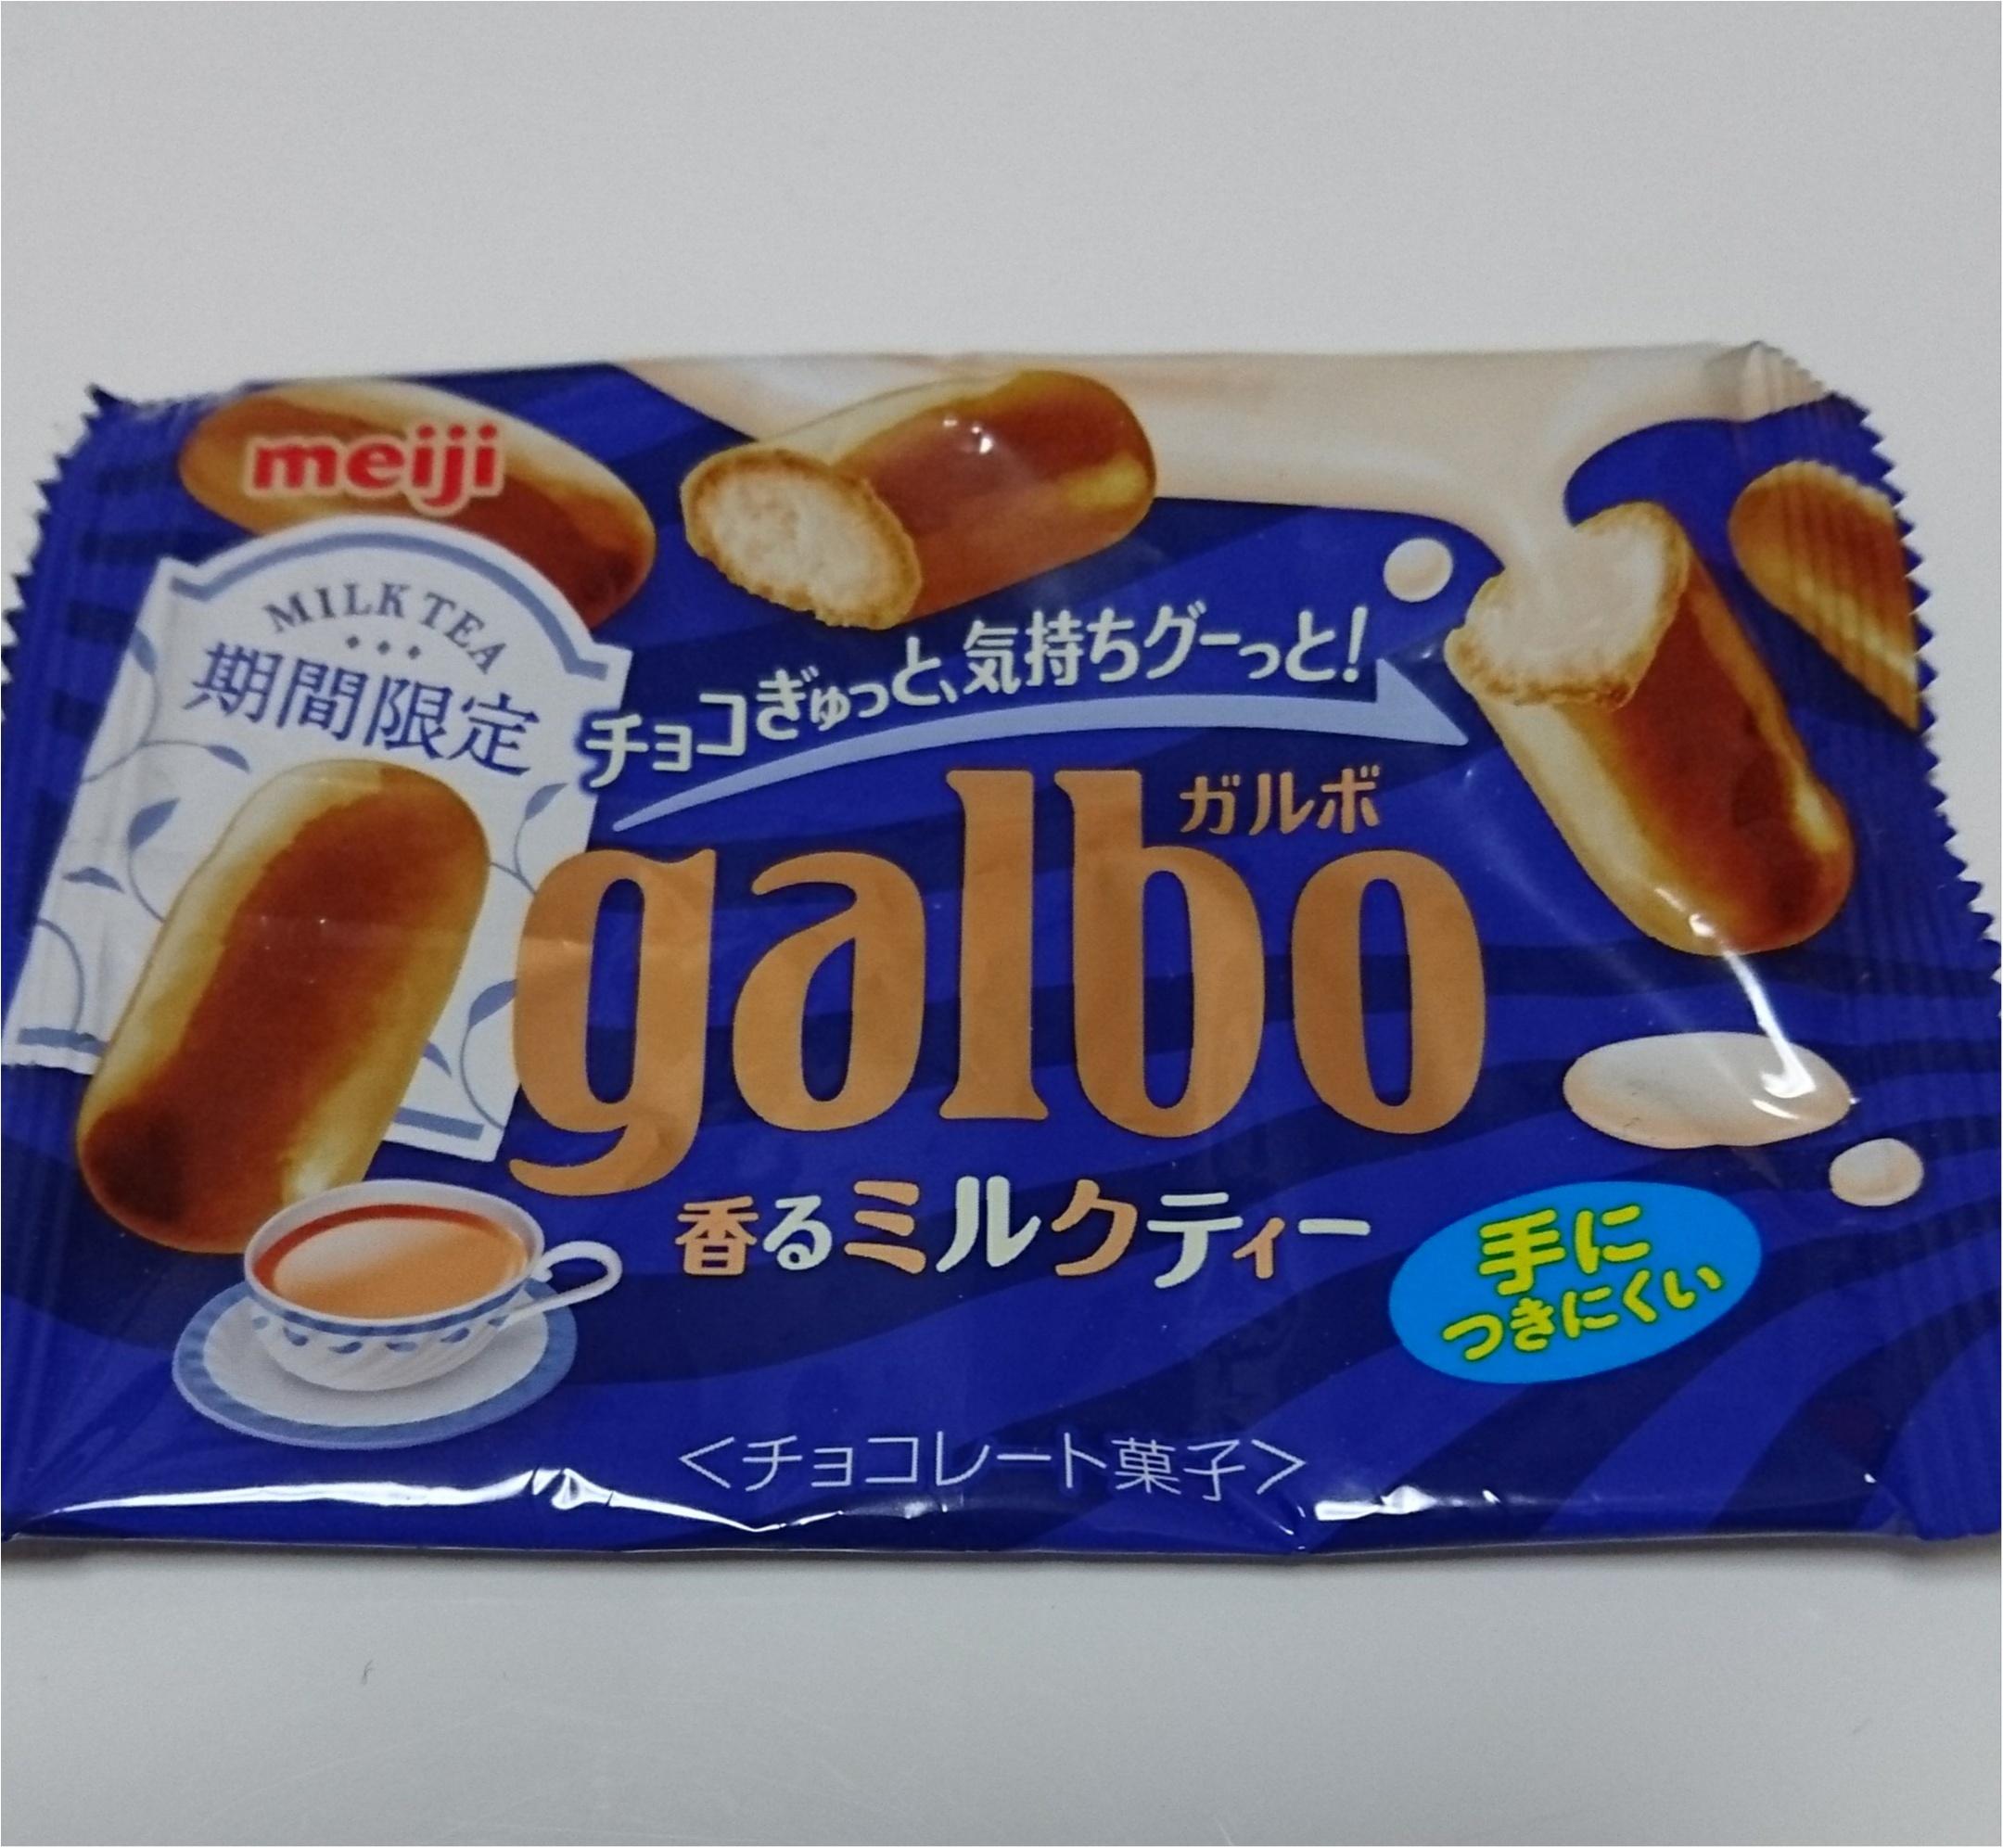 期間限定!ガルボのミルクティー味がおいしくてはまっちゃいました(。・ω・。)_1